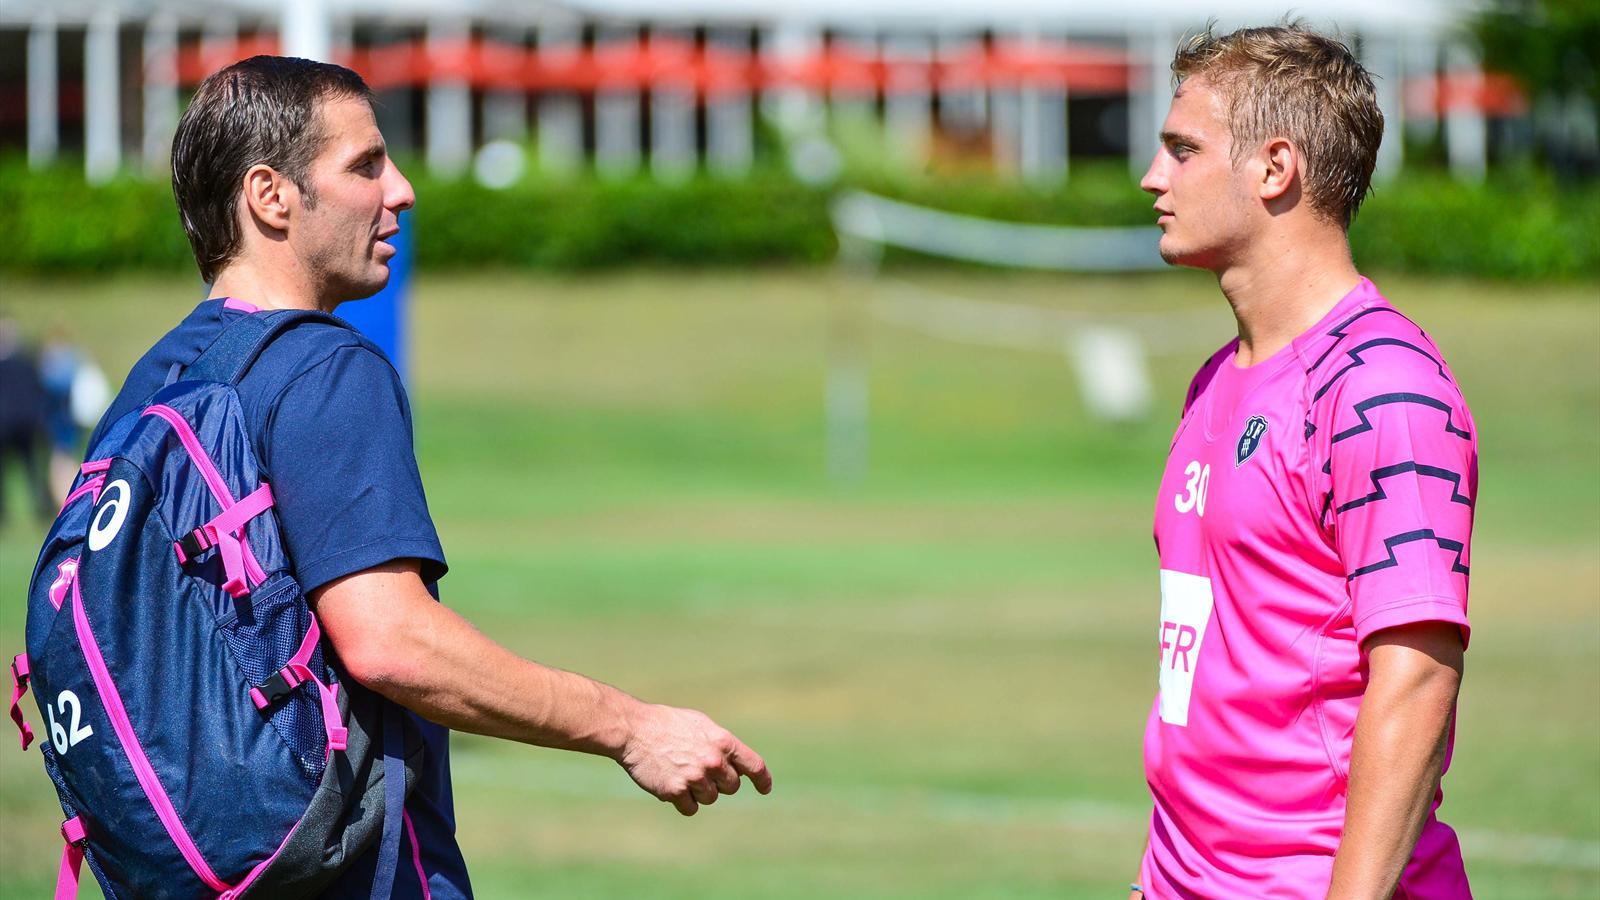 Gonzalo Quesada et Jules Plisson (Stade français) - Août 2015